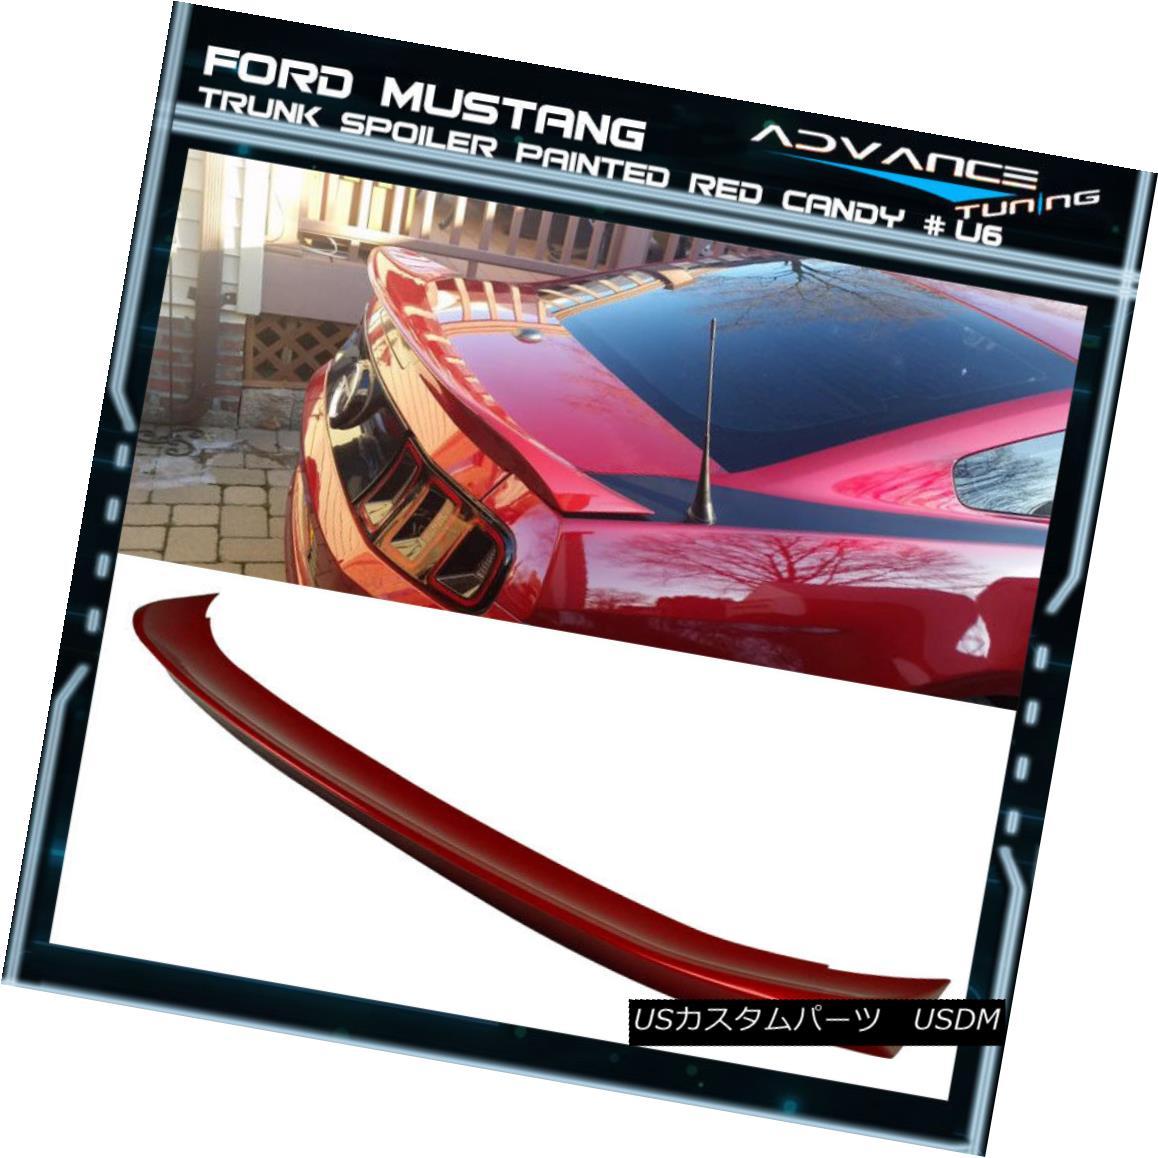 エアロパーツ 10-14 Ford Mustang D Style Trunk Spoiler OEM Painted Color Red Candy # U6 10-14フォードマスタングDスタイルのトランクスポイラーOEM塗装カラーレッドキャンディ#U6